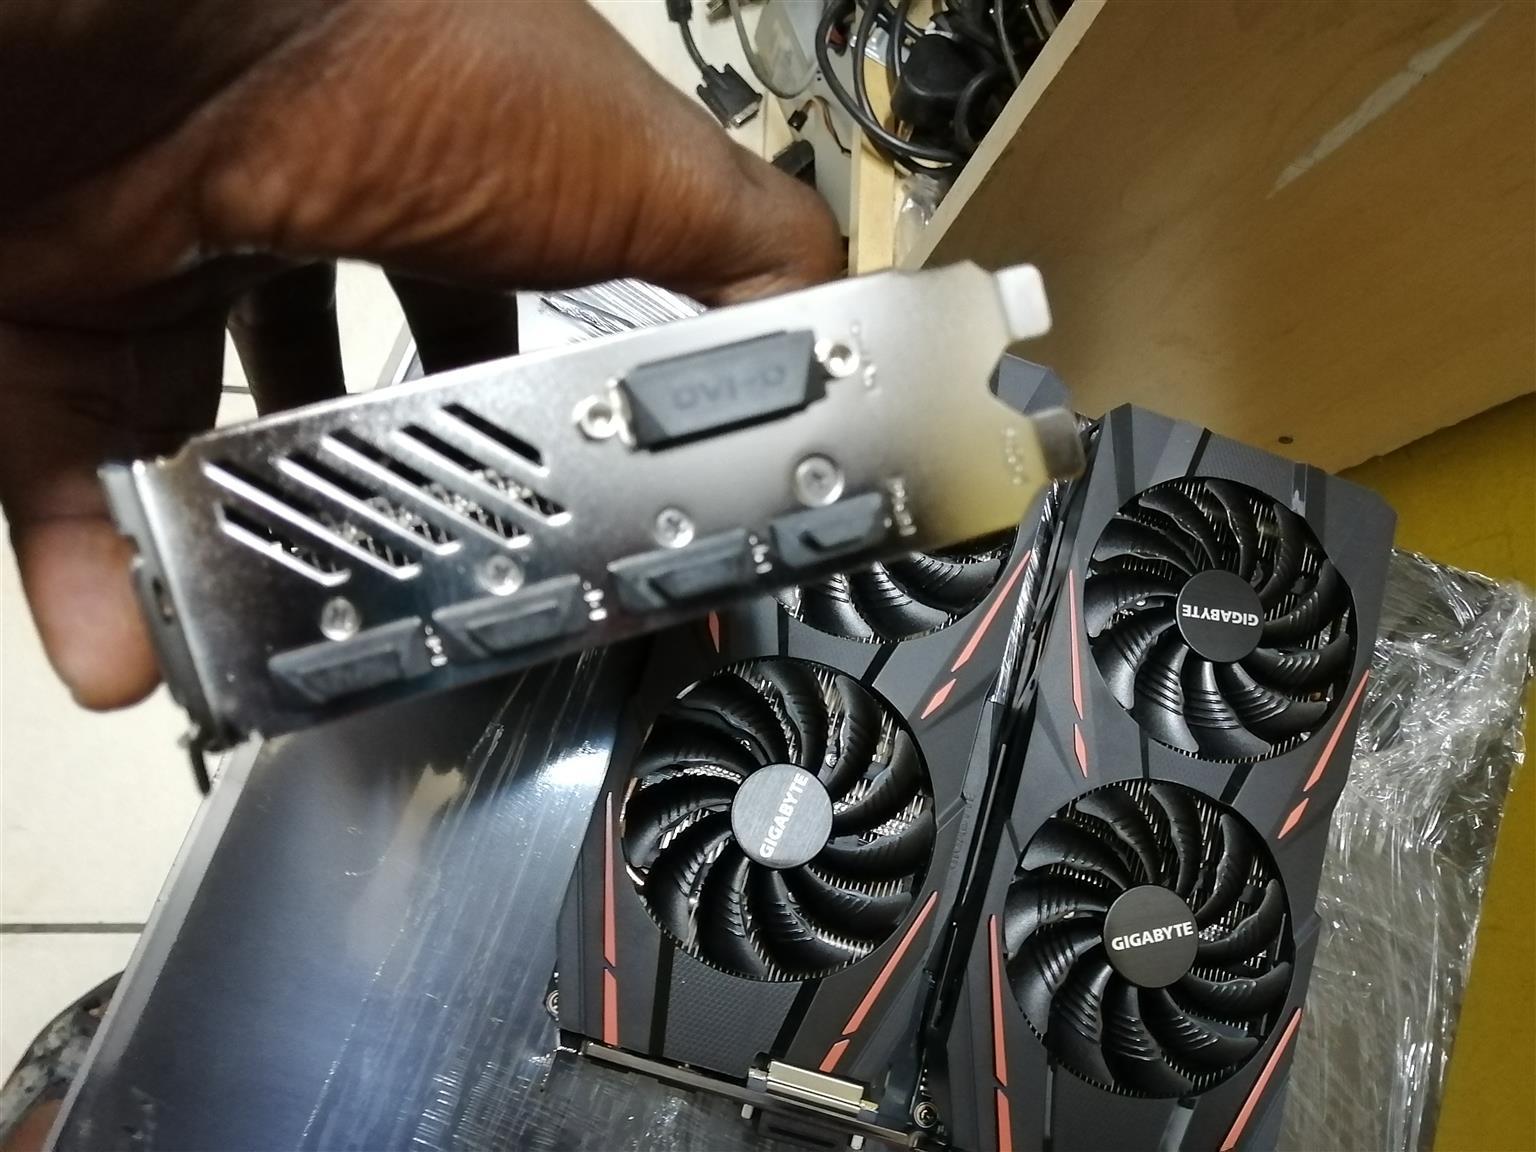 Gigabyte Radeon RX 570 Gaming 4G MI GV-RX570GAMING-4GD-MI 4GB GDDR5 25